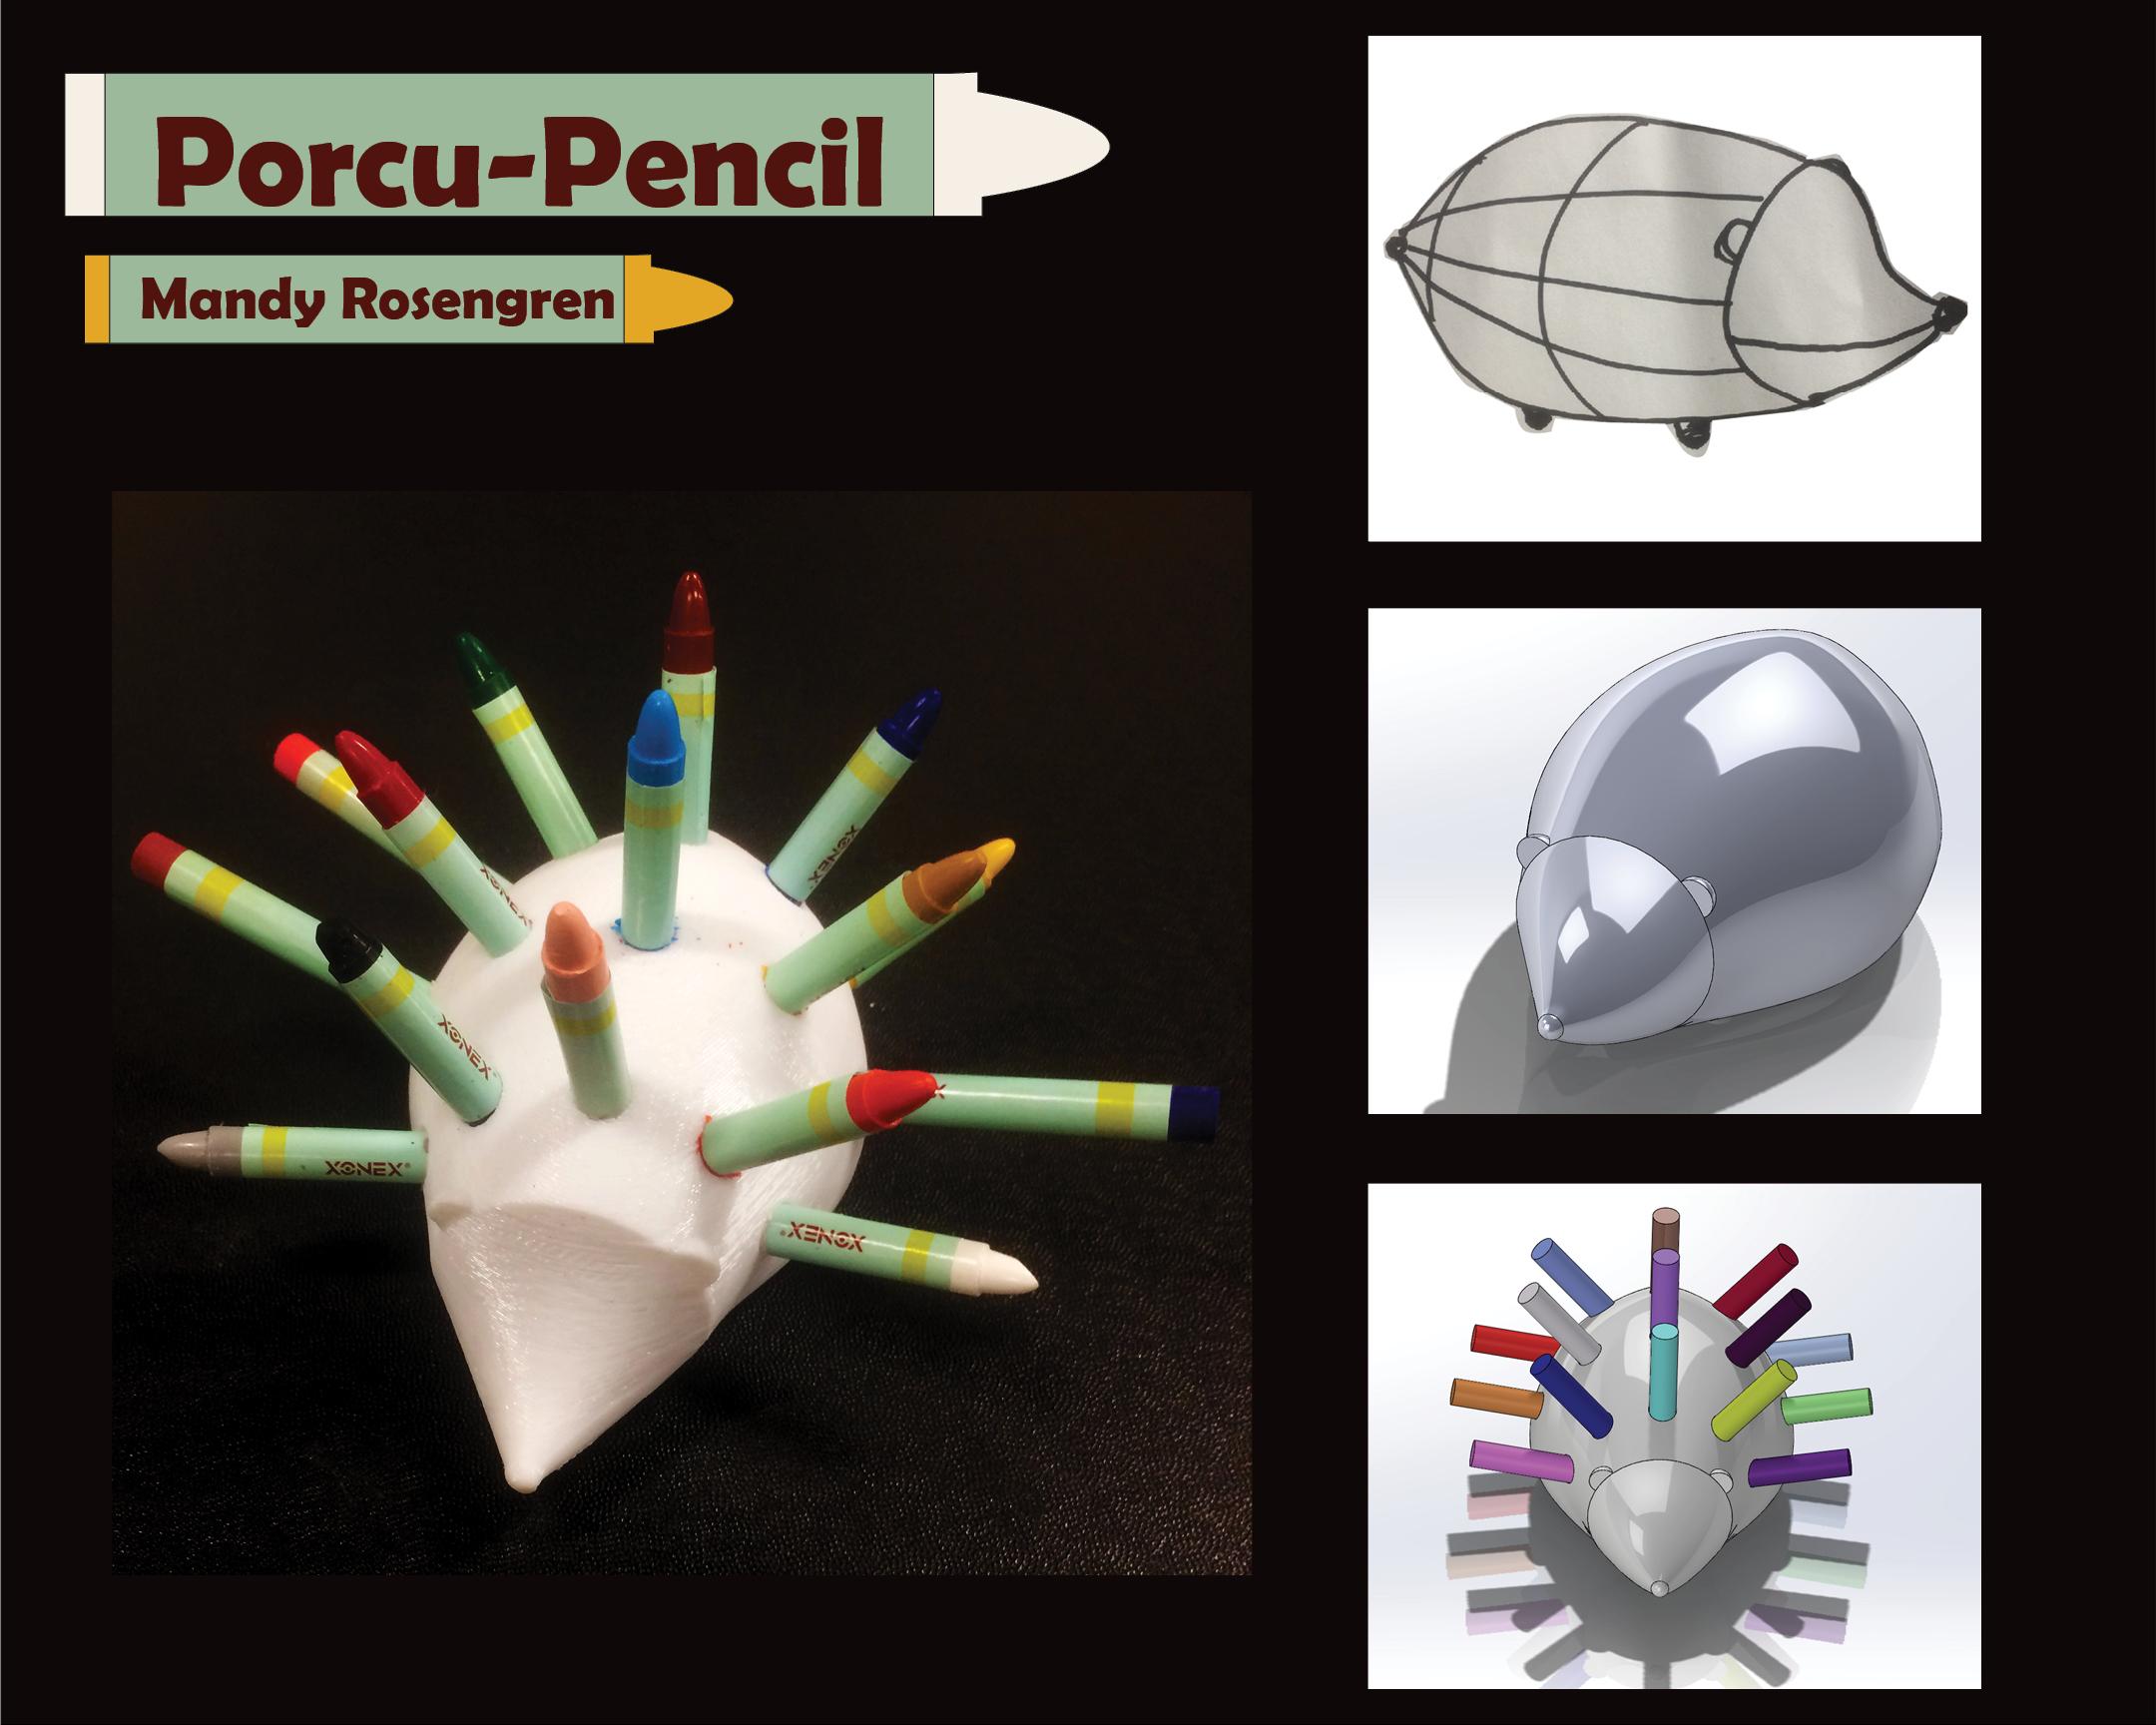 Porcu-Pencil